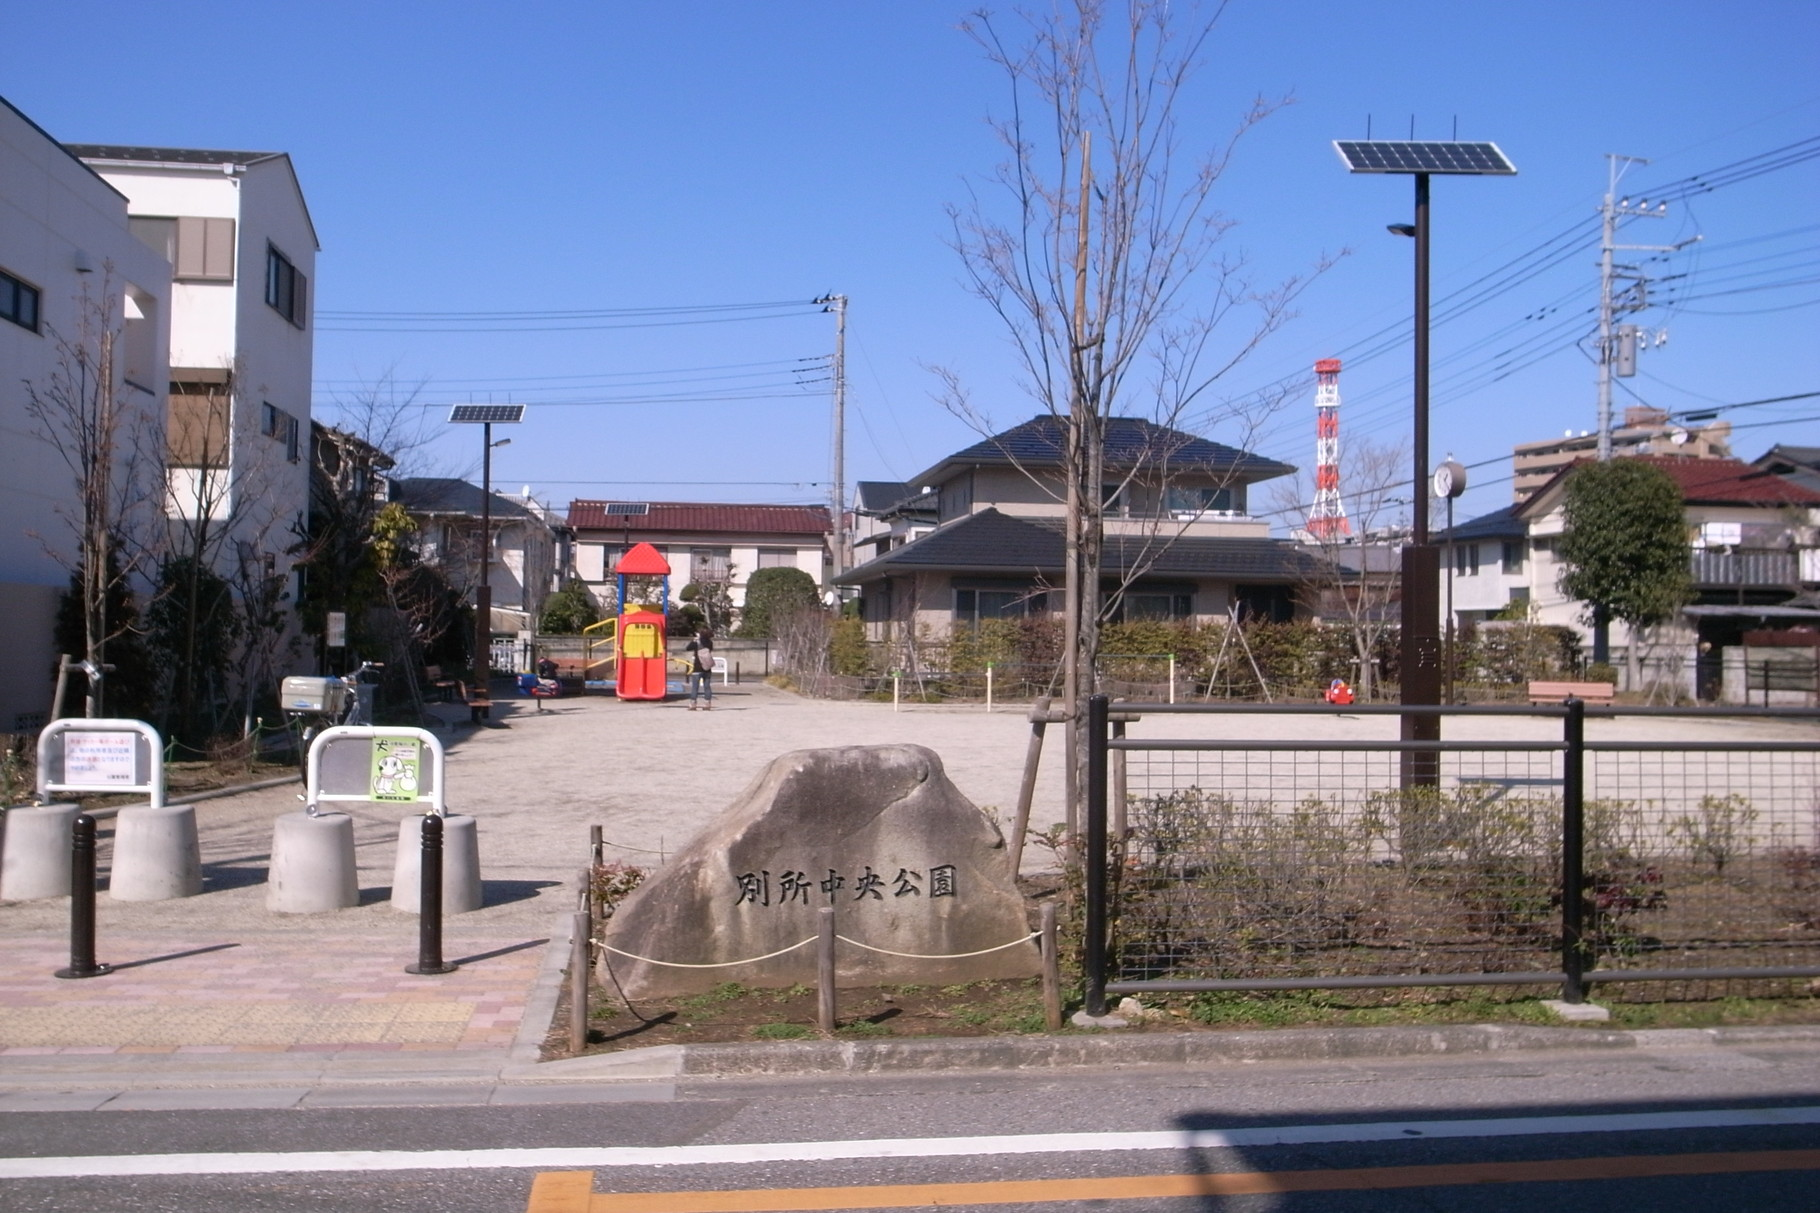 別所中央公園 290m(徒歩4分)